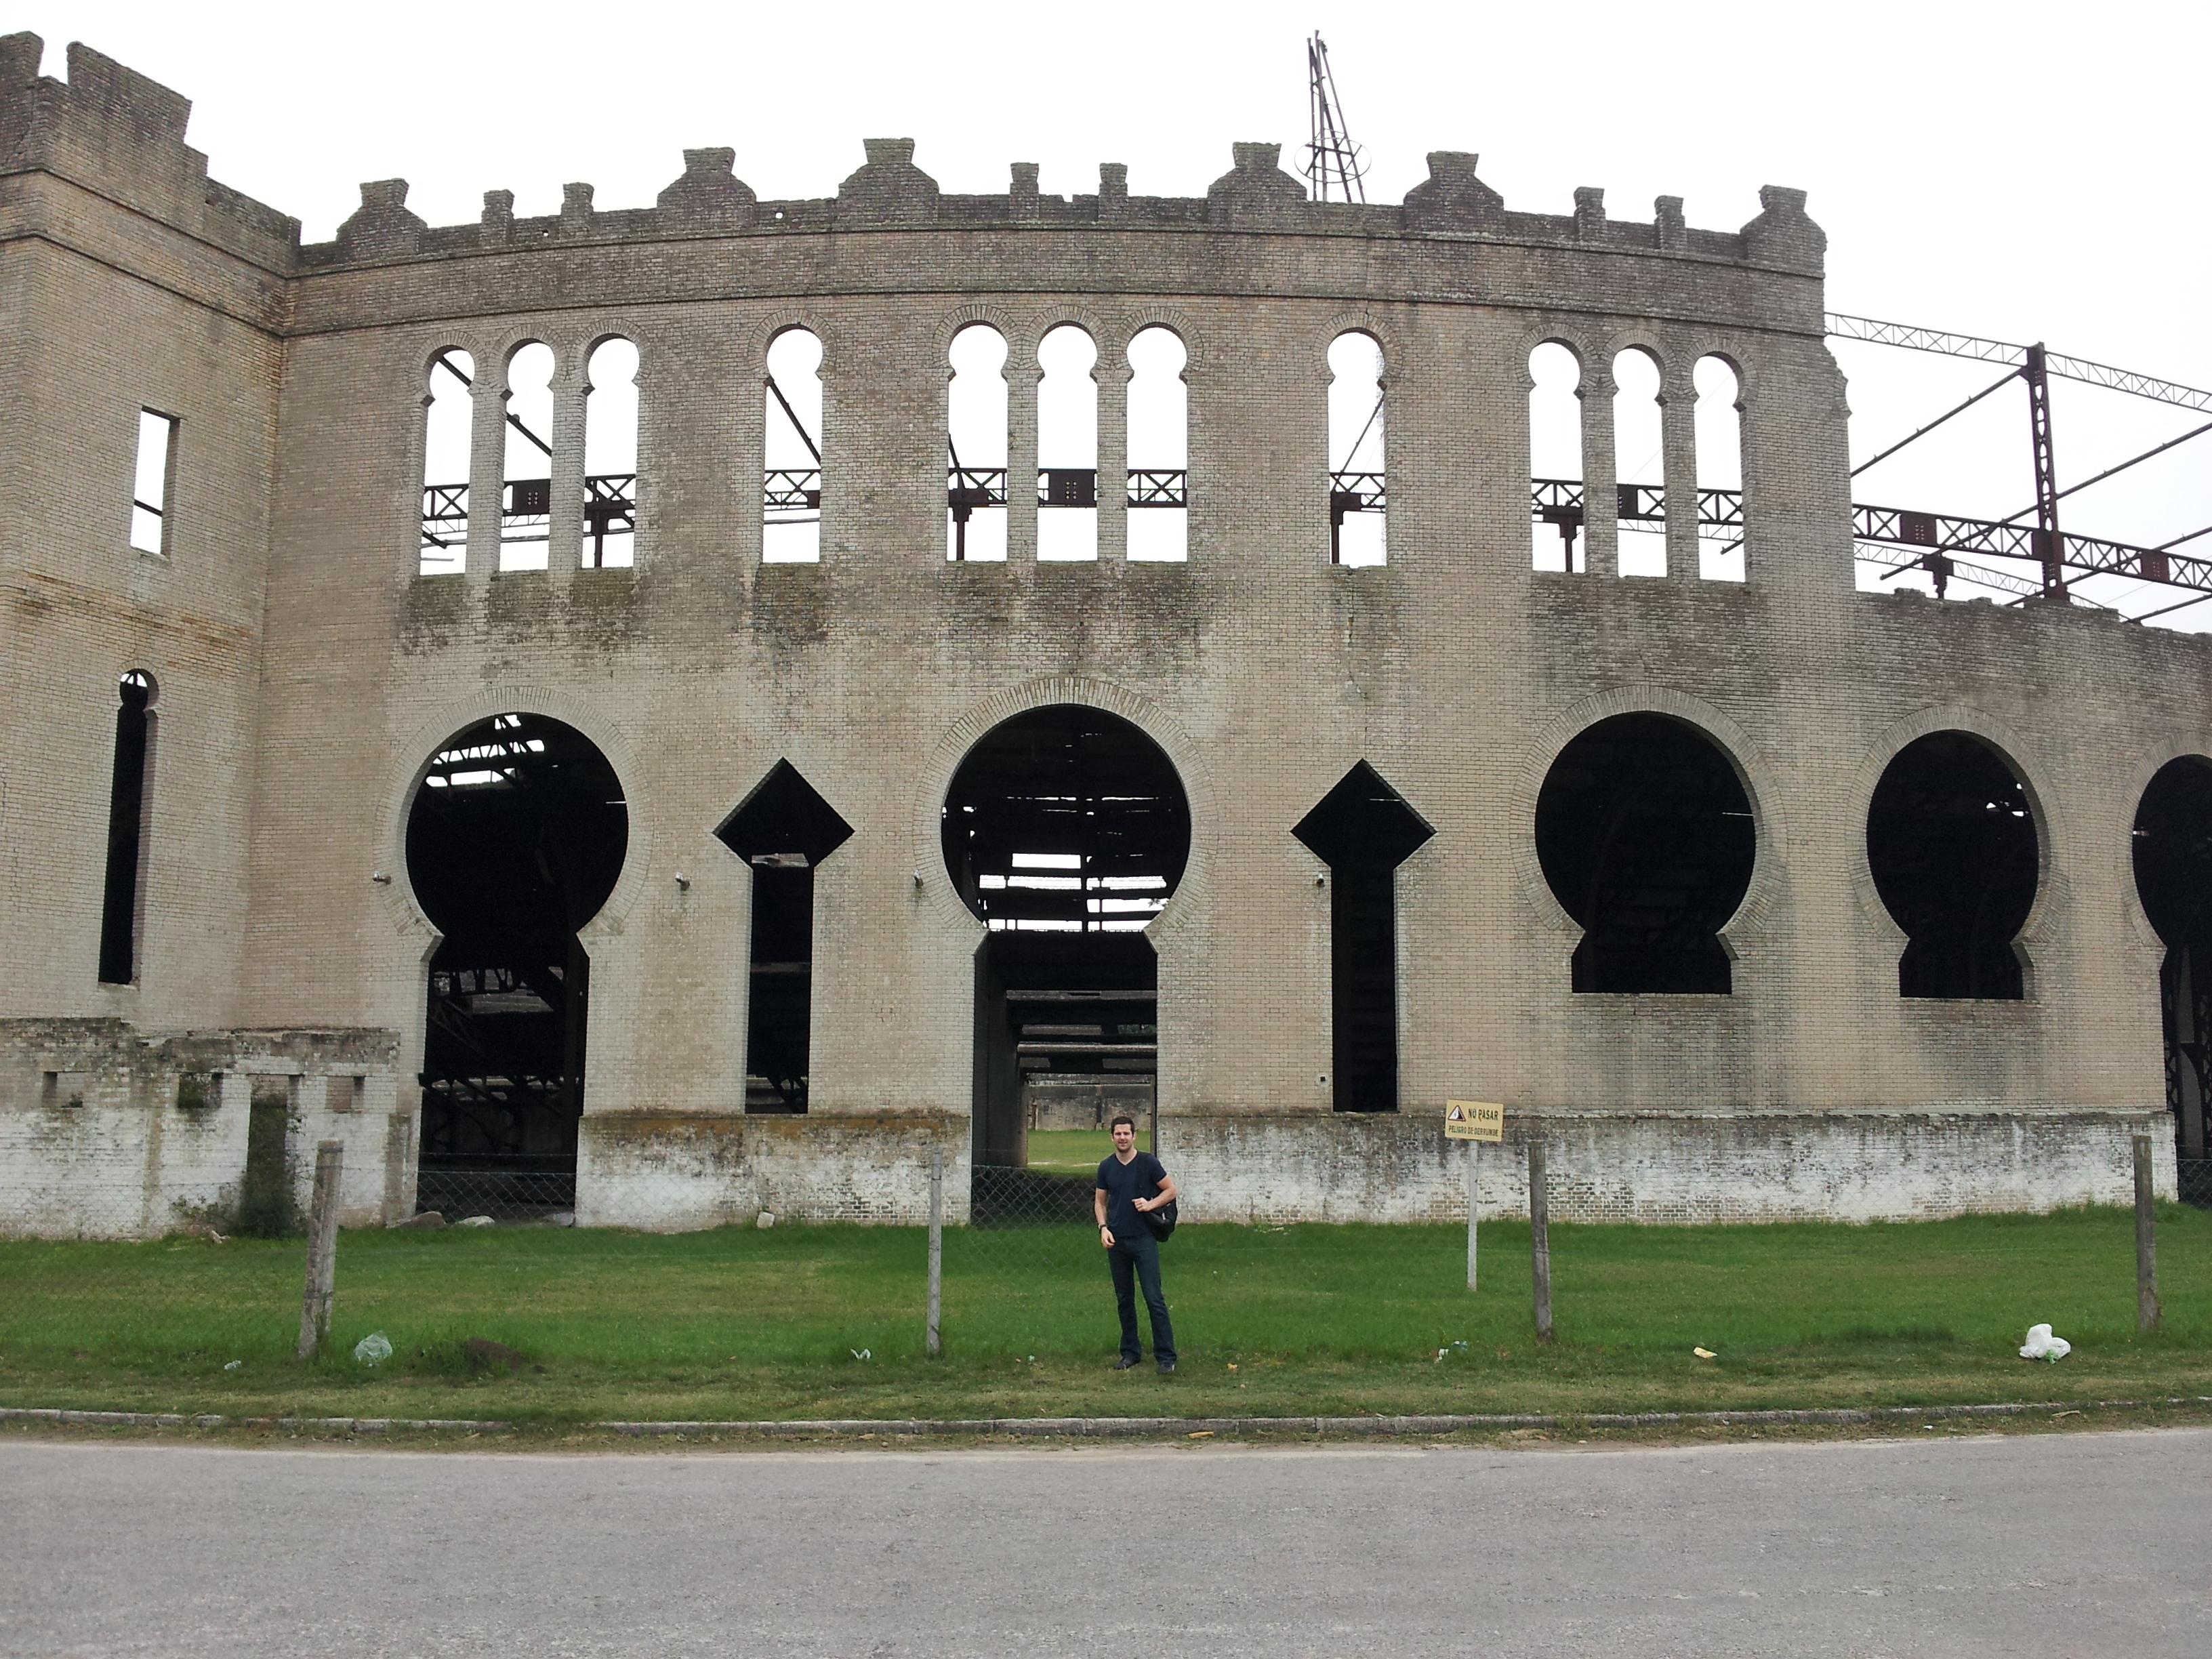 Colonia bullfighting ring